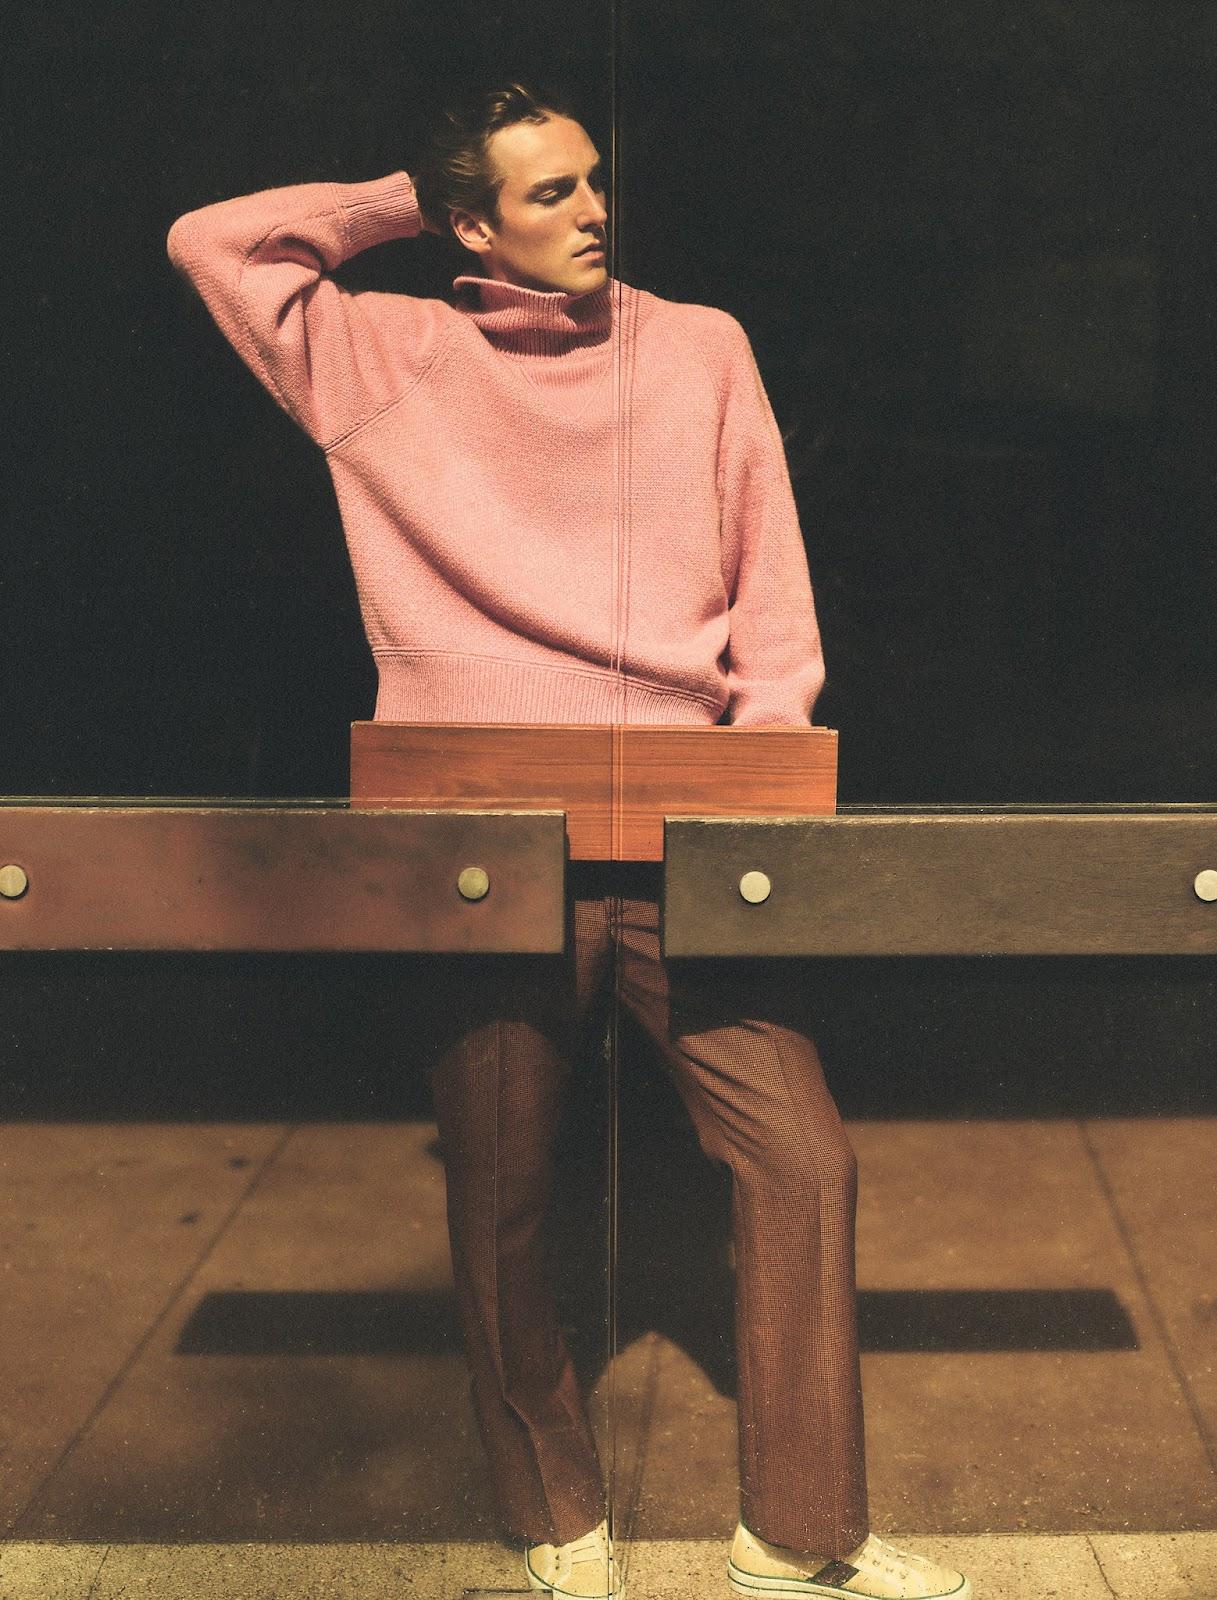 SMILE: Quentin Demeester & Malika Louback in WSJ. Magazine Men's Fall 2021 by Annemarieke Van Drimmelen